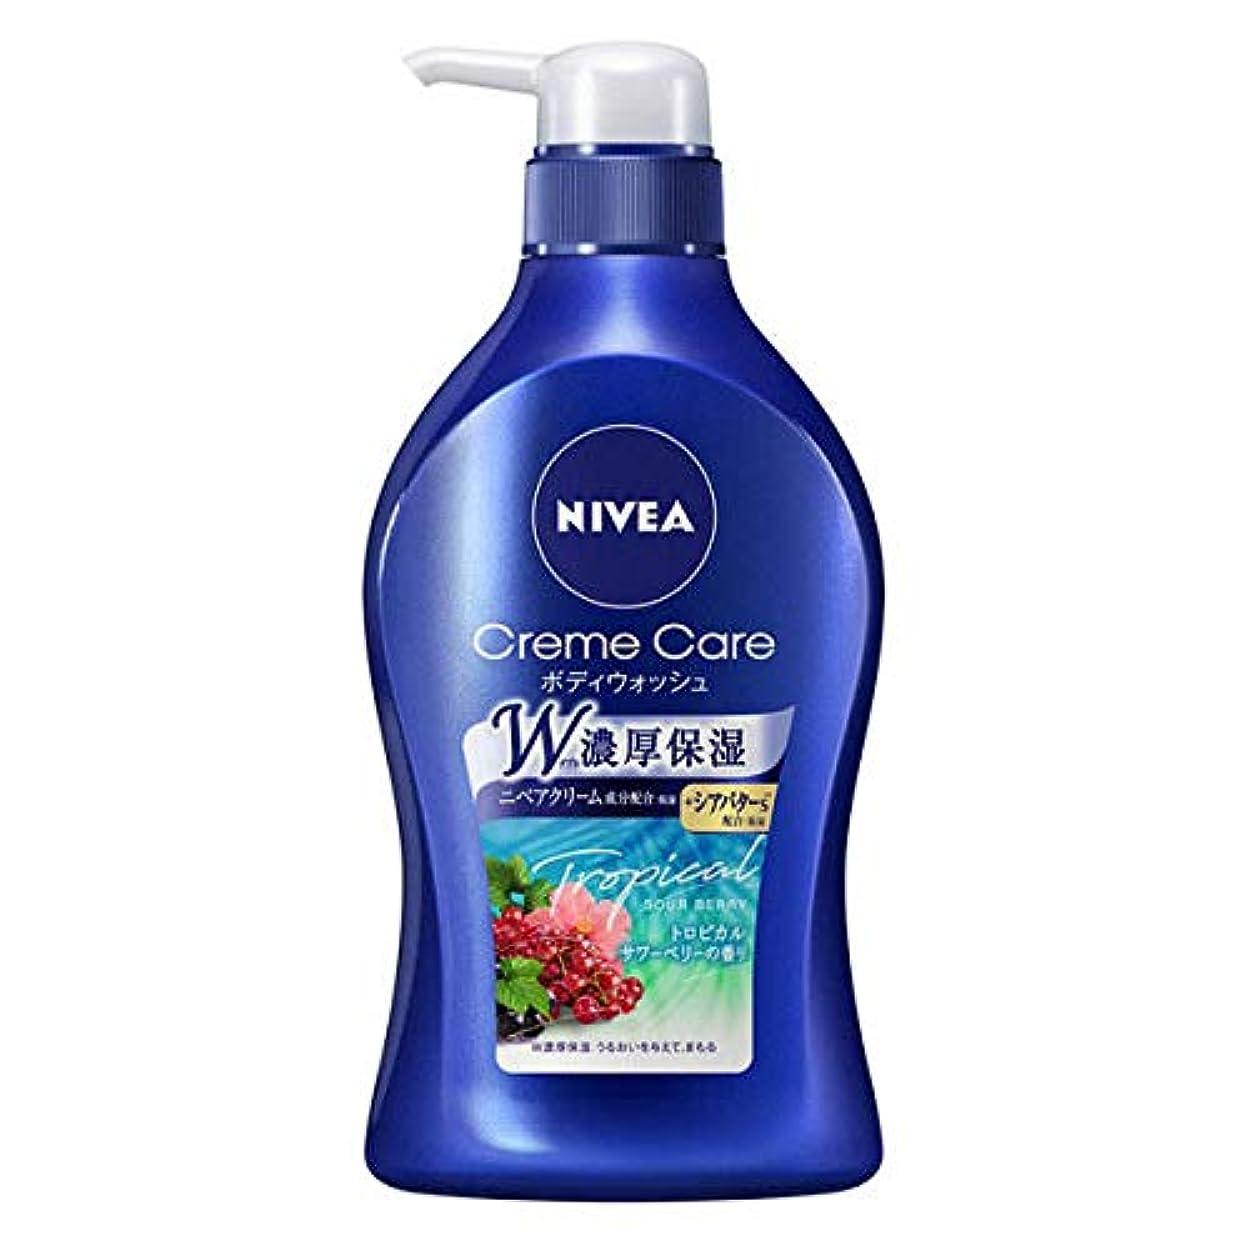 クライマックス天の整然としたニベア クリームケア ボディウォッシュ トロピカルサワーベリーの香り ポンプ 480ml 花王